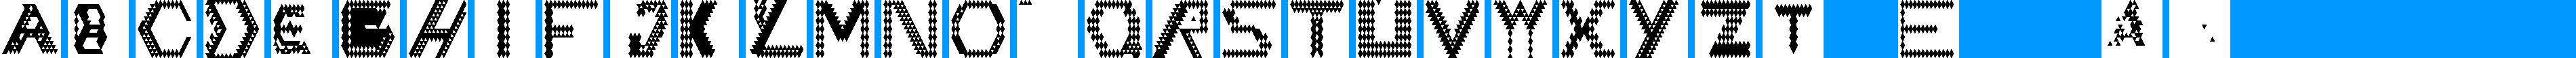 Particip-a-type v.190